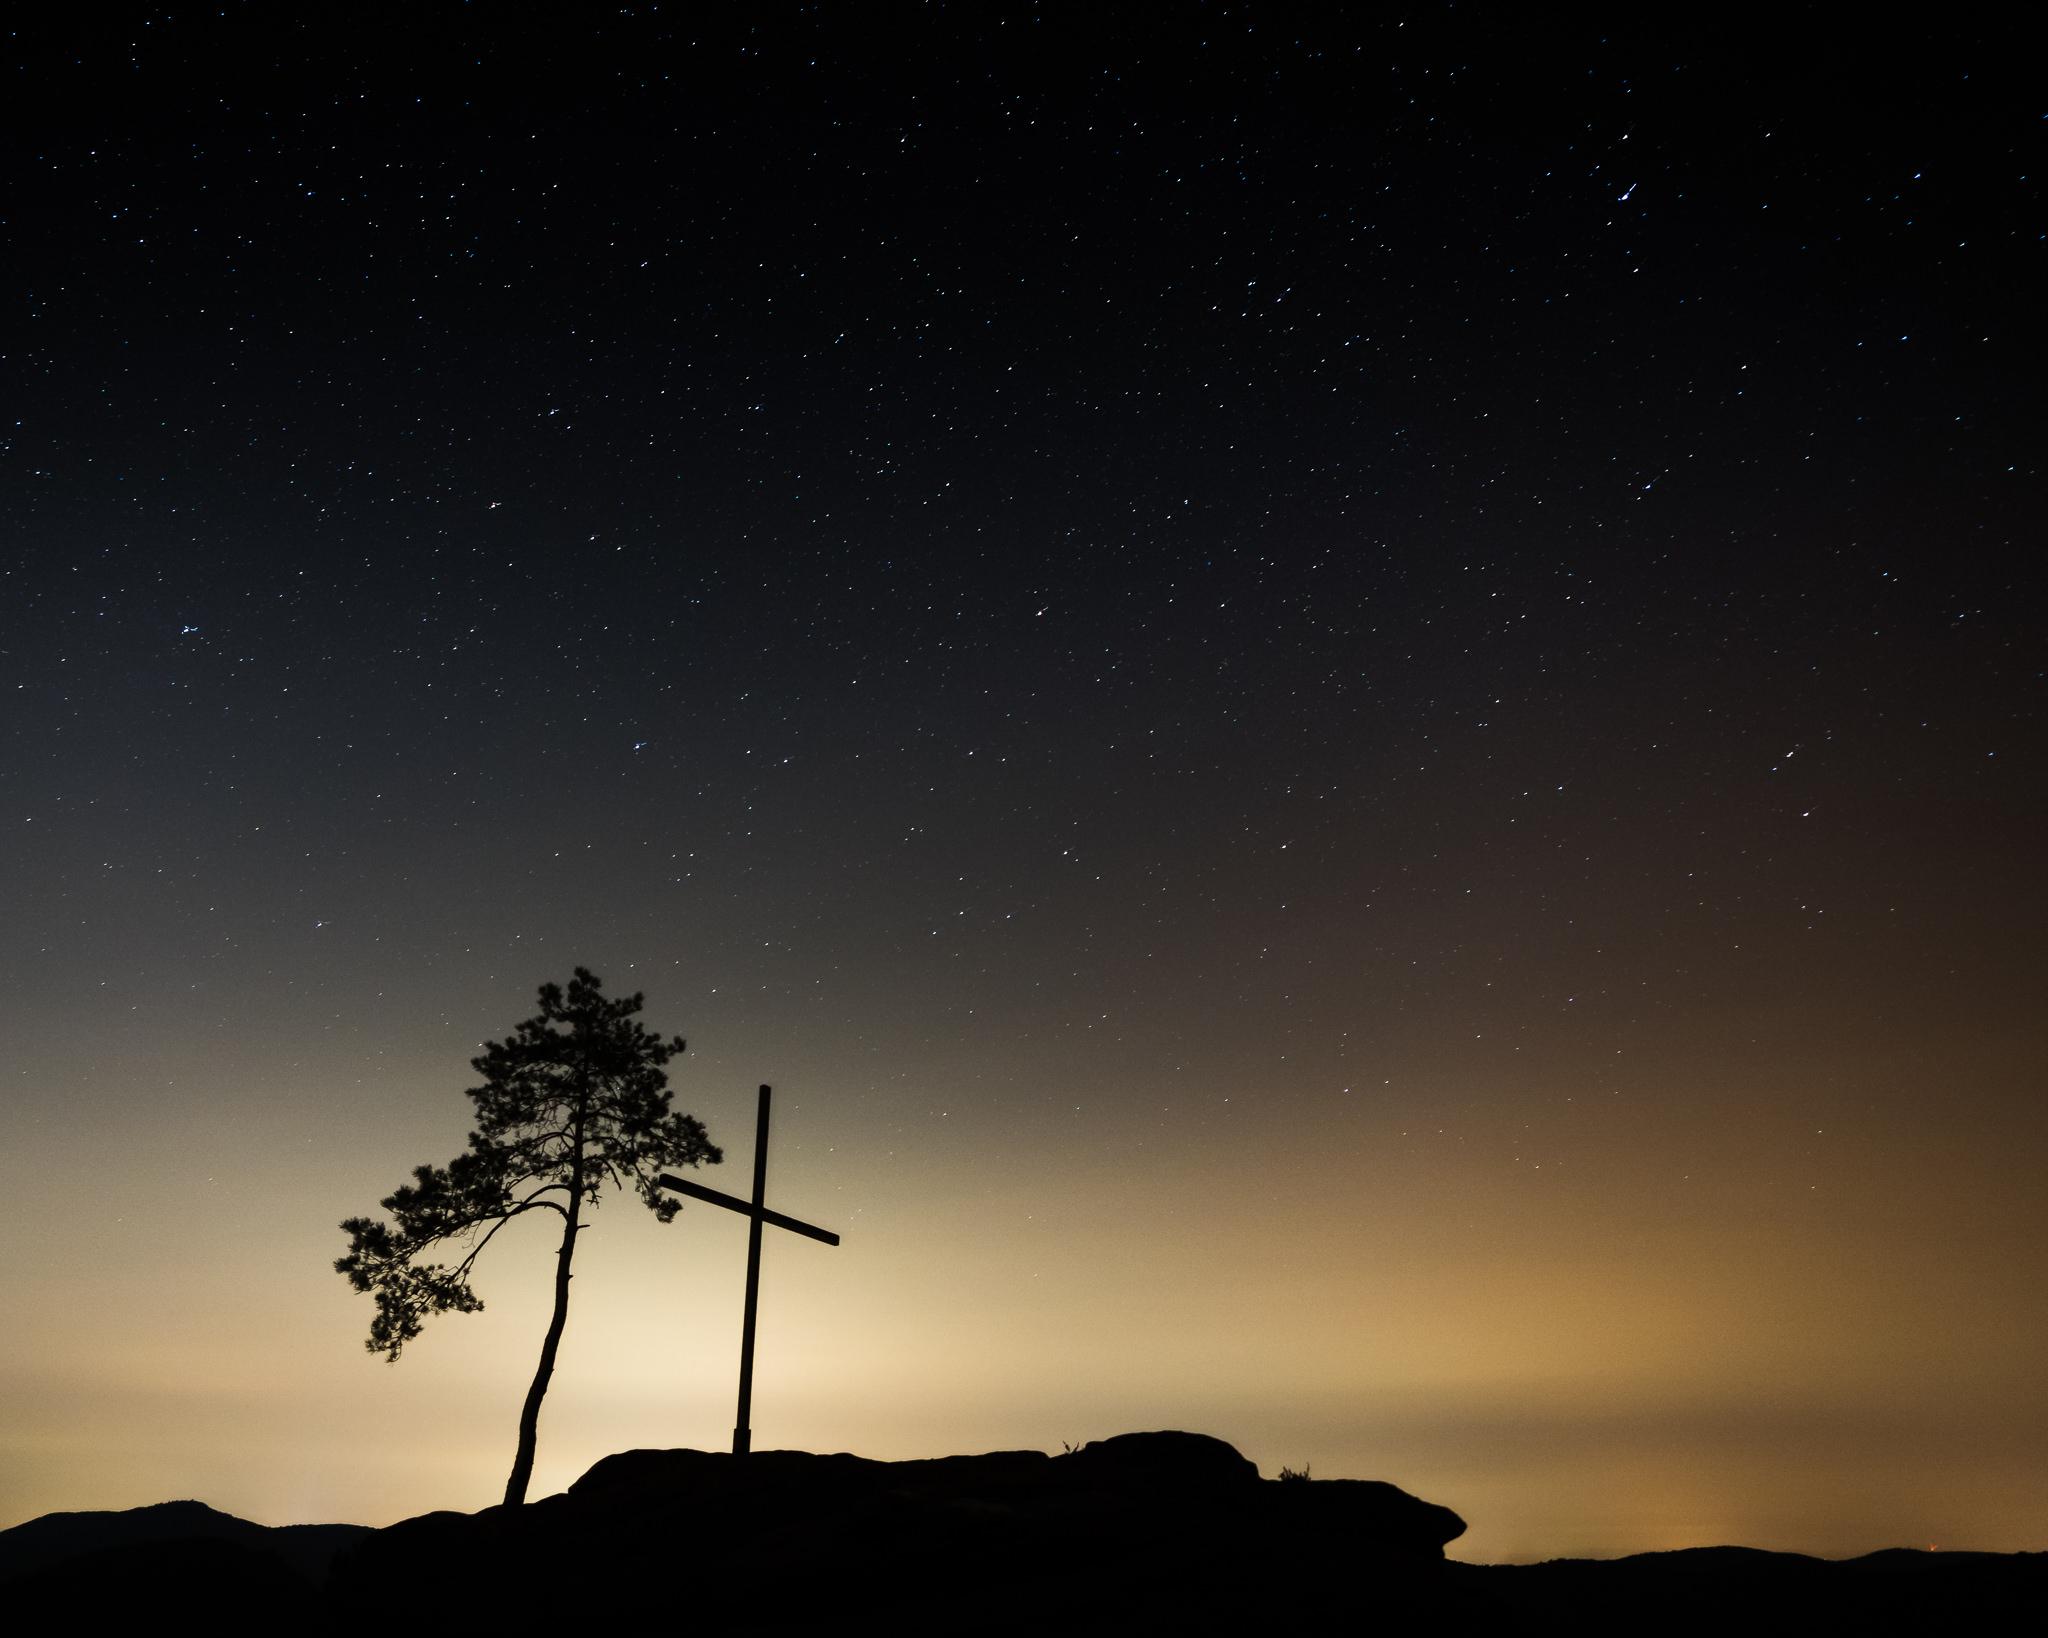 Kreuz und Milchstraße unter dem Sternenhimmel